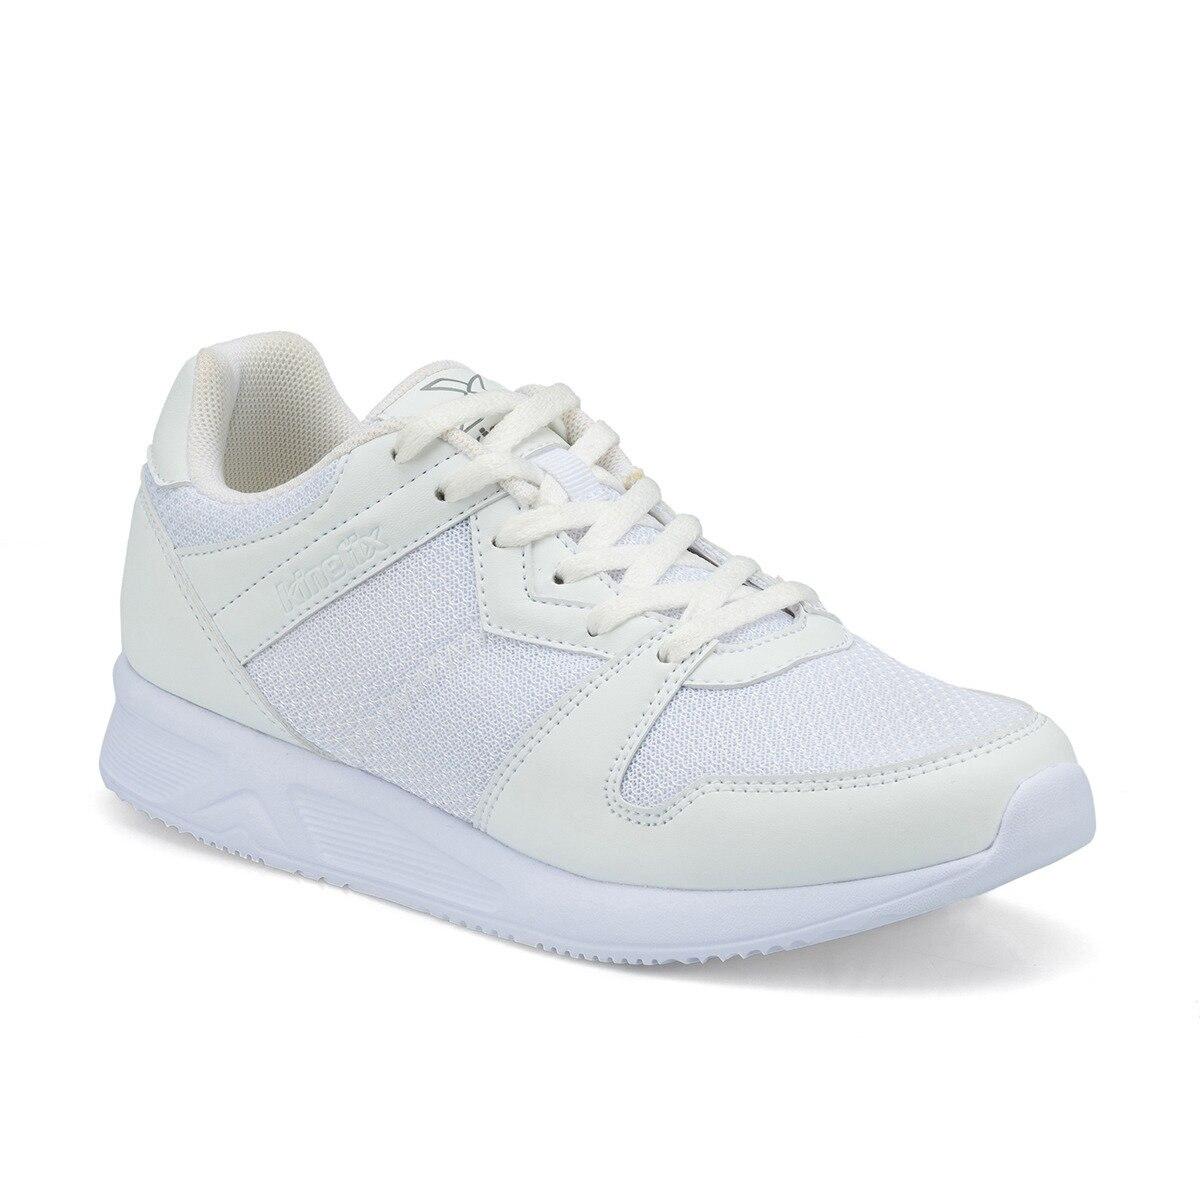 FLO SAGEL W White Women 'S Sneaker Shoes KINETIX